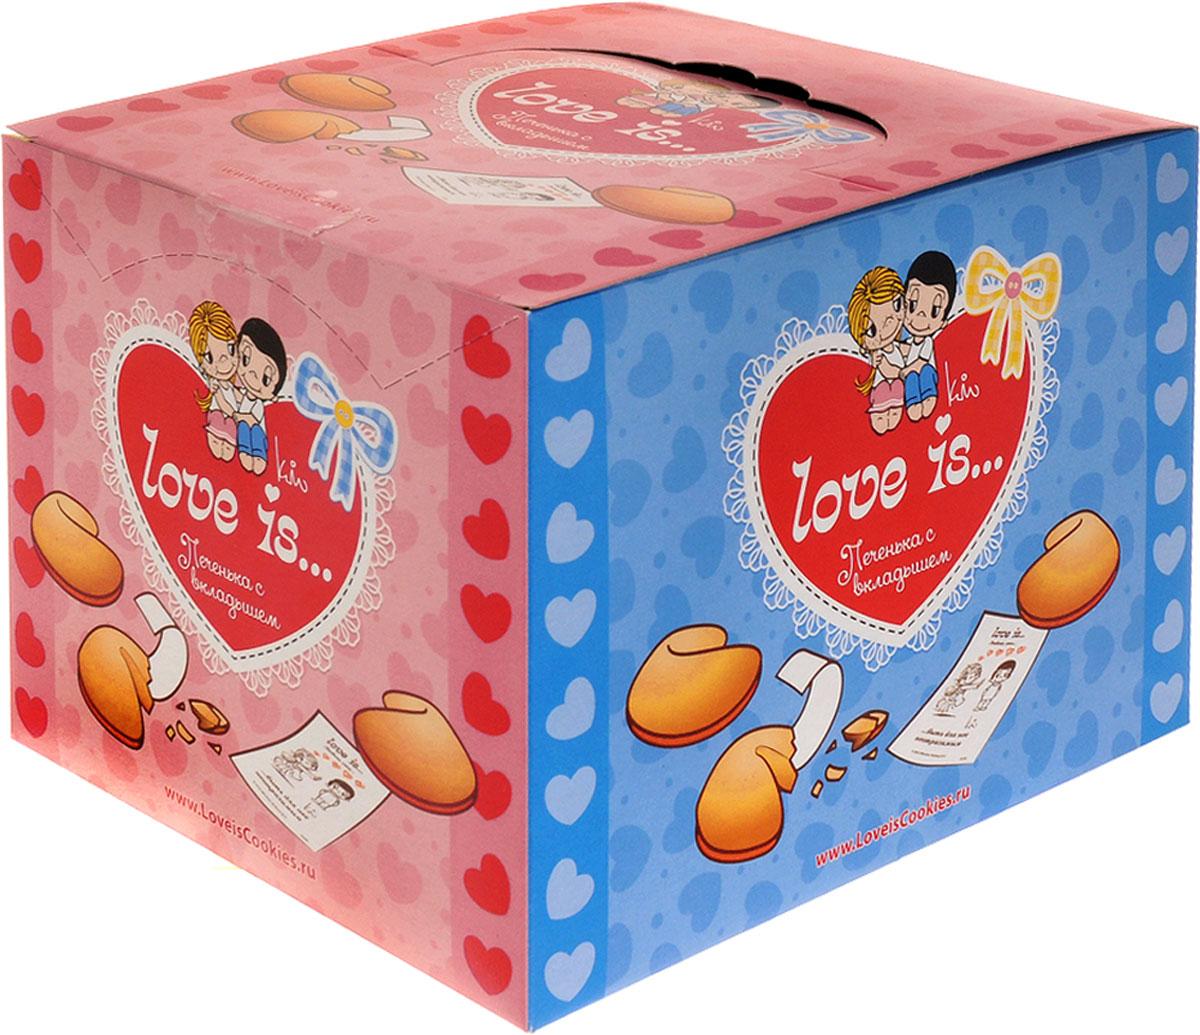 Love is Печенье с вкладышем, 38 шт4603720388845Набор из 38 штук вкусного песочного печенья Love is с нежным хрустящим вкусом. Внутри печенья находится бумажный вкладыш с очередной романтической историей на тему Любовь - это….Уважаемые клиенты! Обращаем ваше внимание, что полный перечень состава продукта представлен на дополнительном изображении.